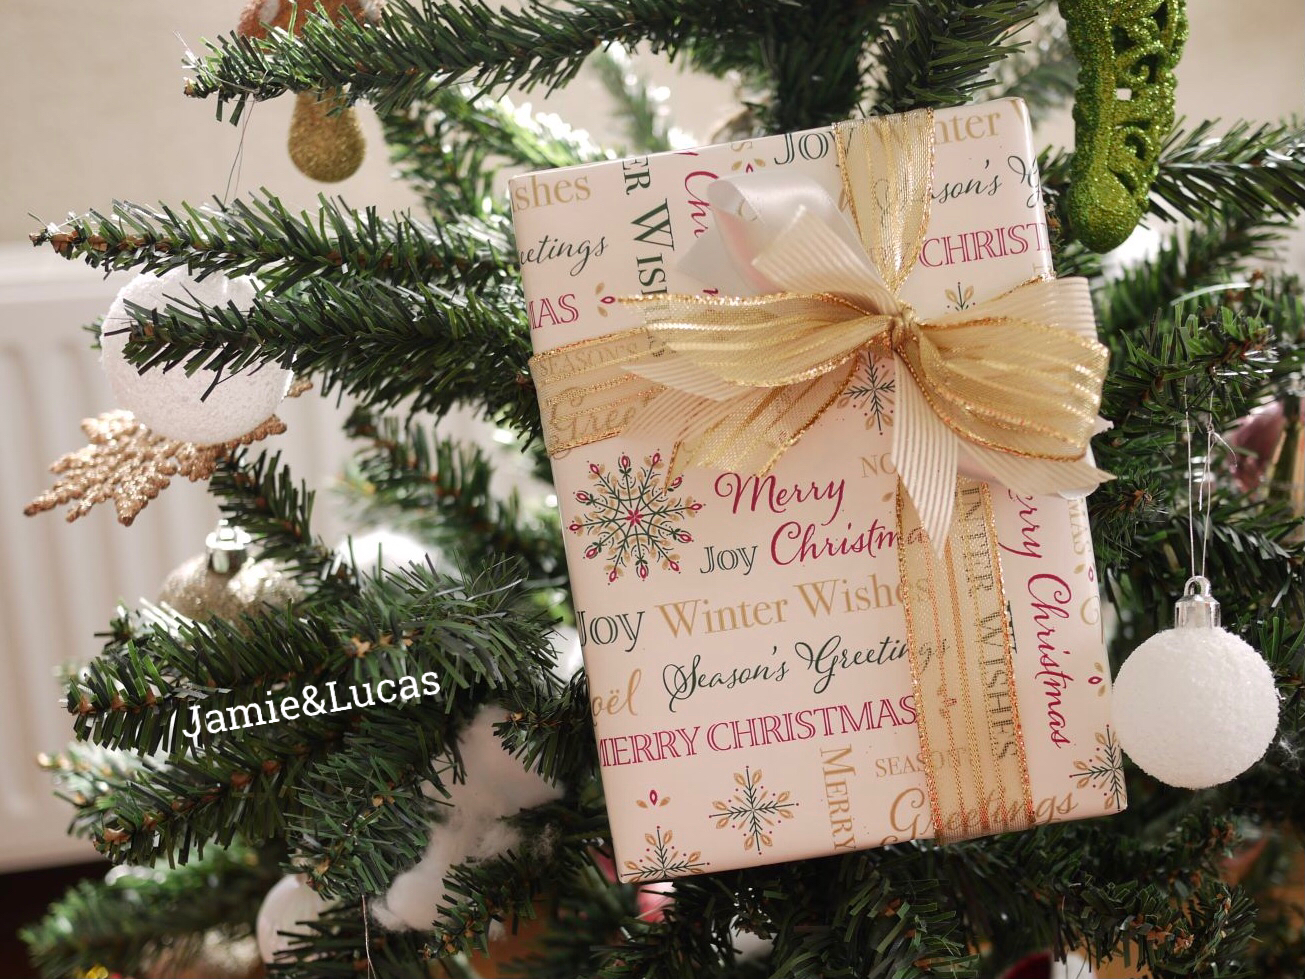 コストコクリスマスラッピンング|ジェイミールーカス